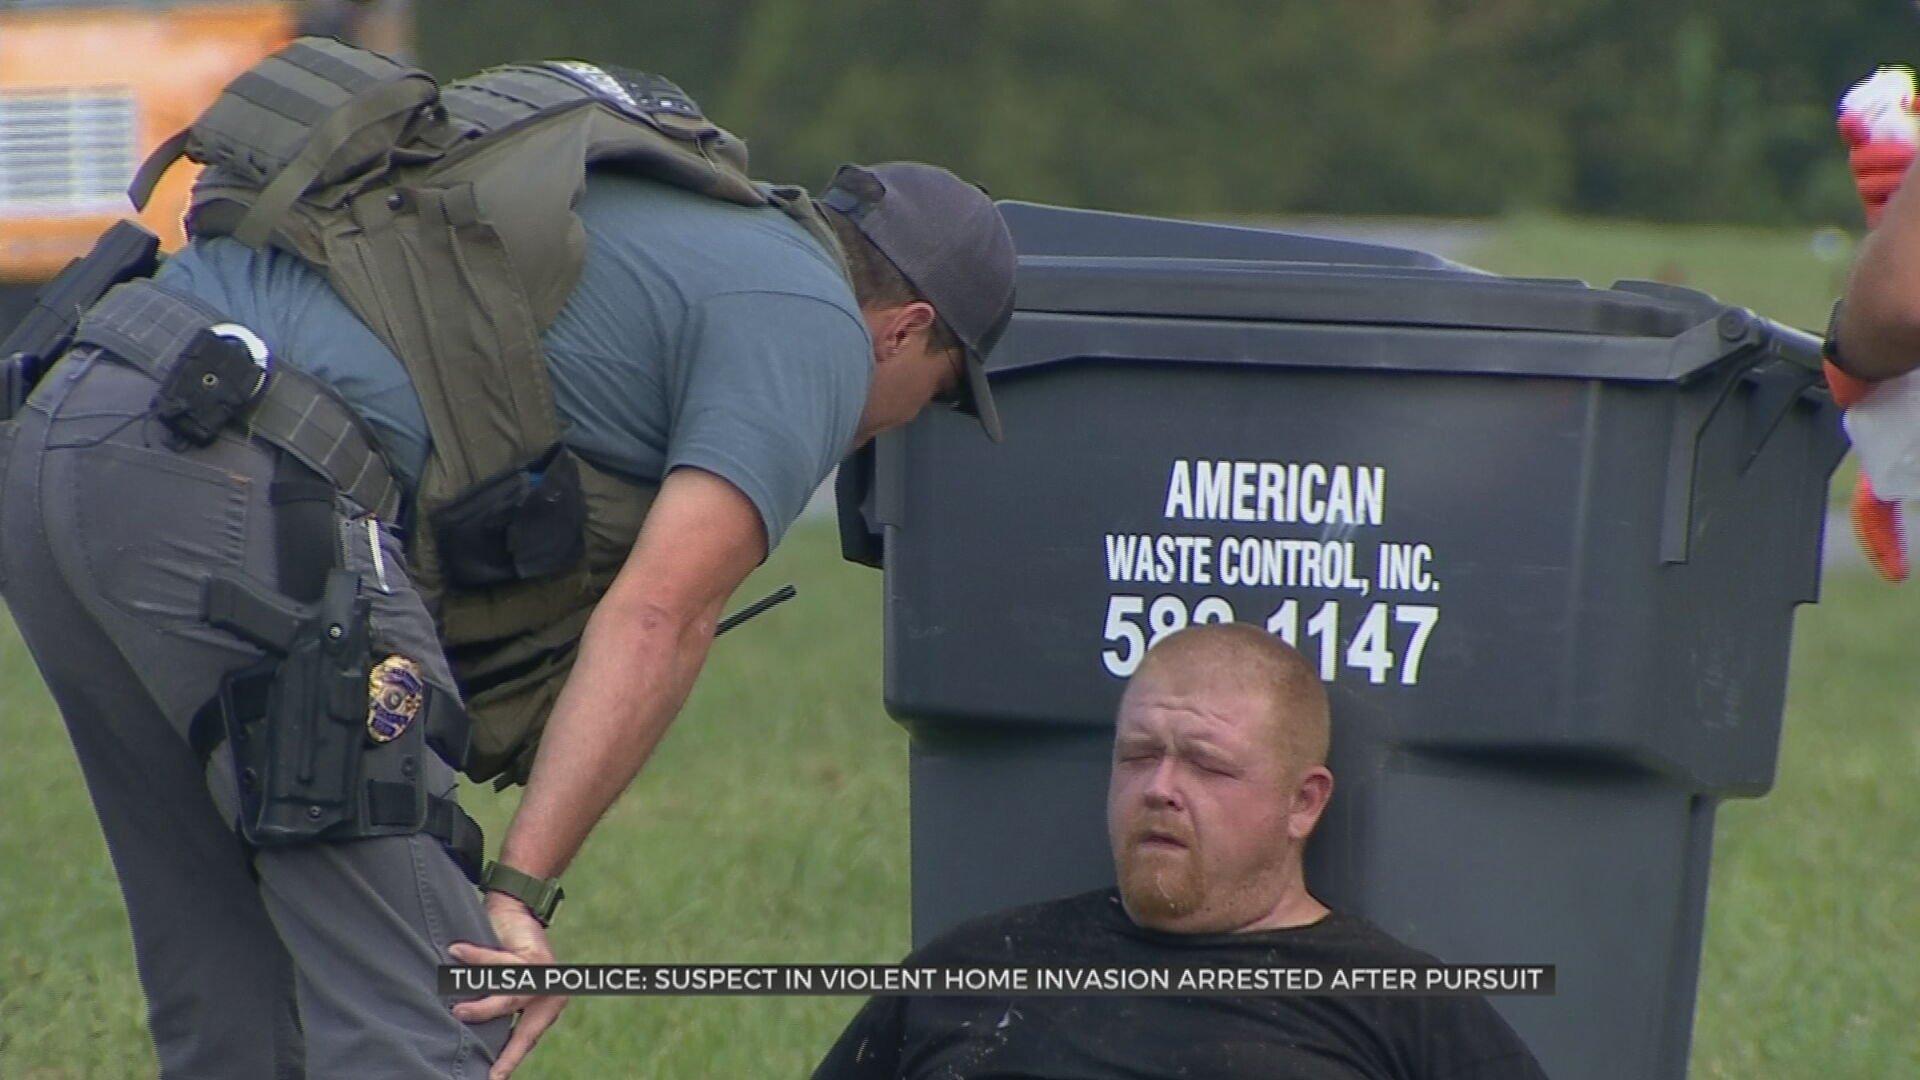 Tulsa Police: Suspect In Violent Home Invasion Arrested After Pursuit